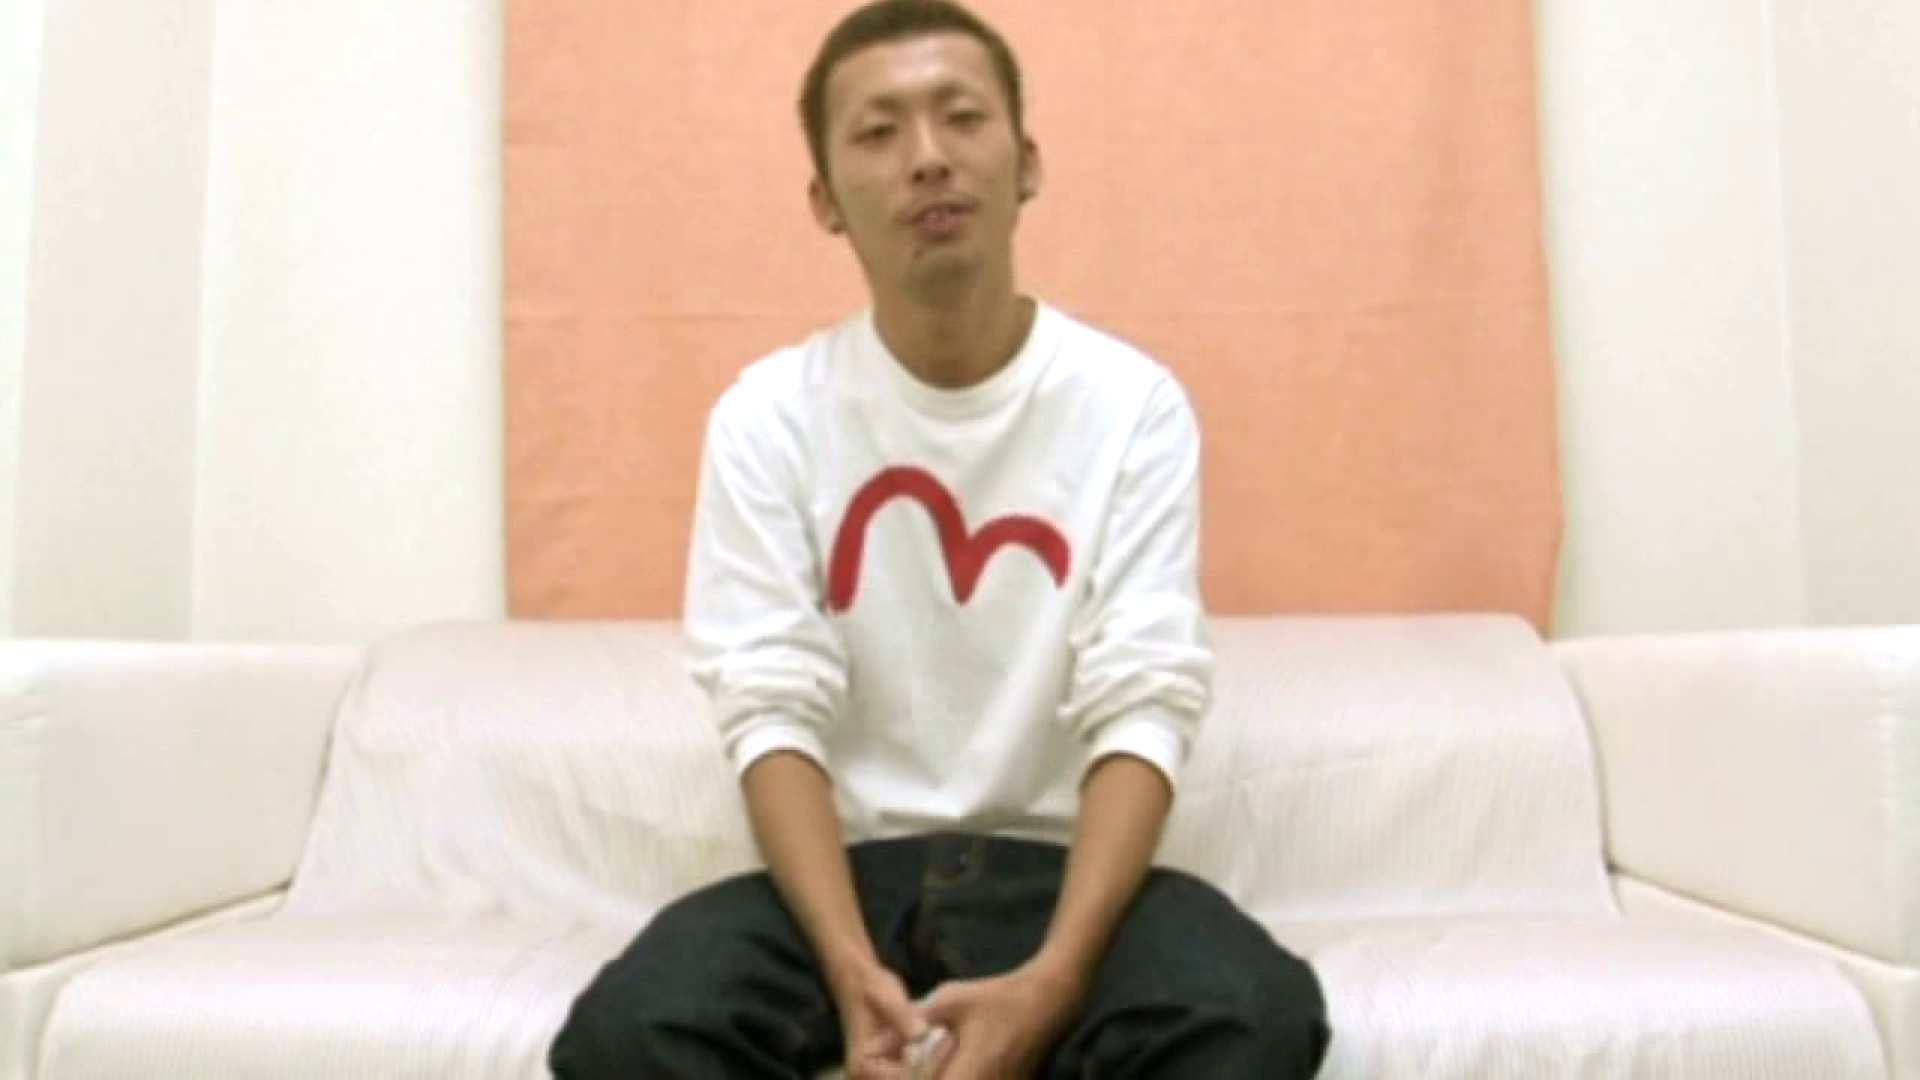 ノンケ!自慰スタジオ No.11 オナニー ゲイ無料エロ画像 78pic 32